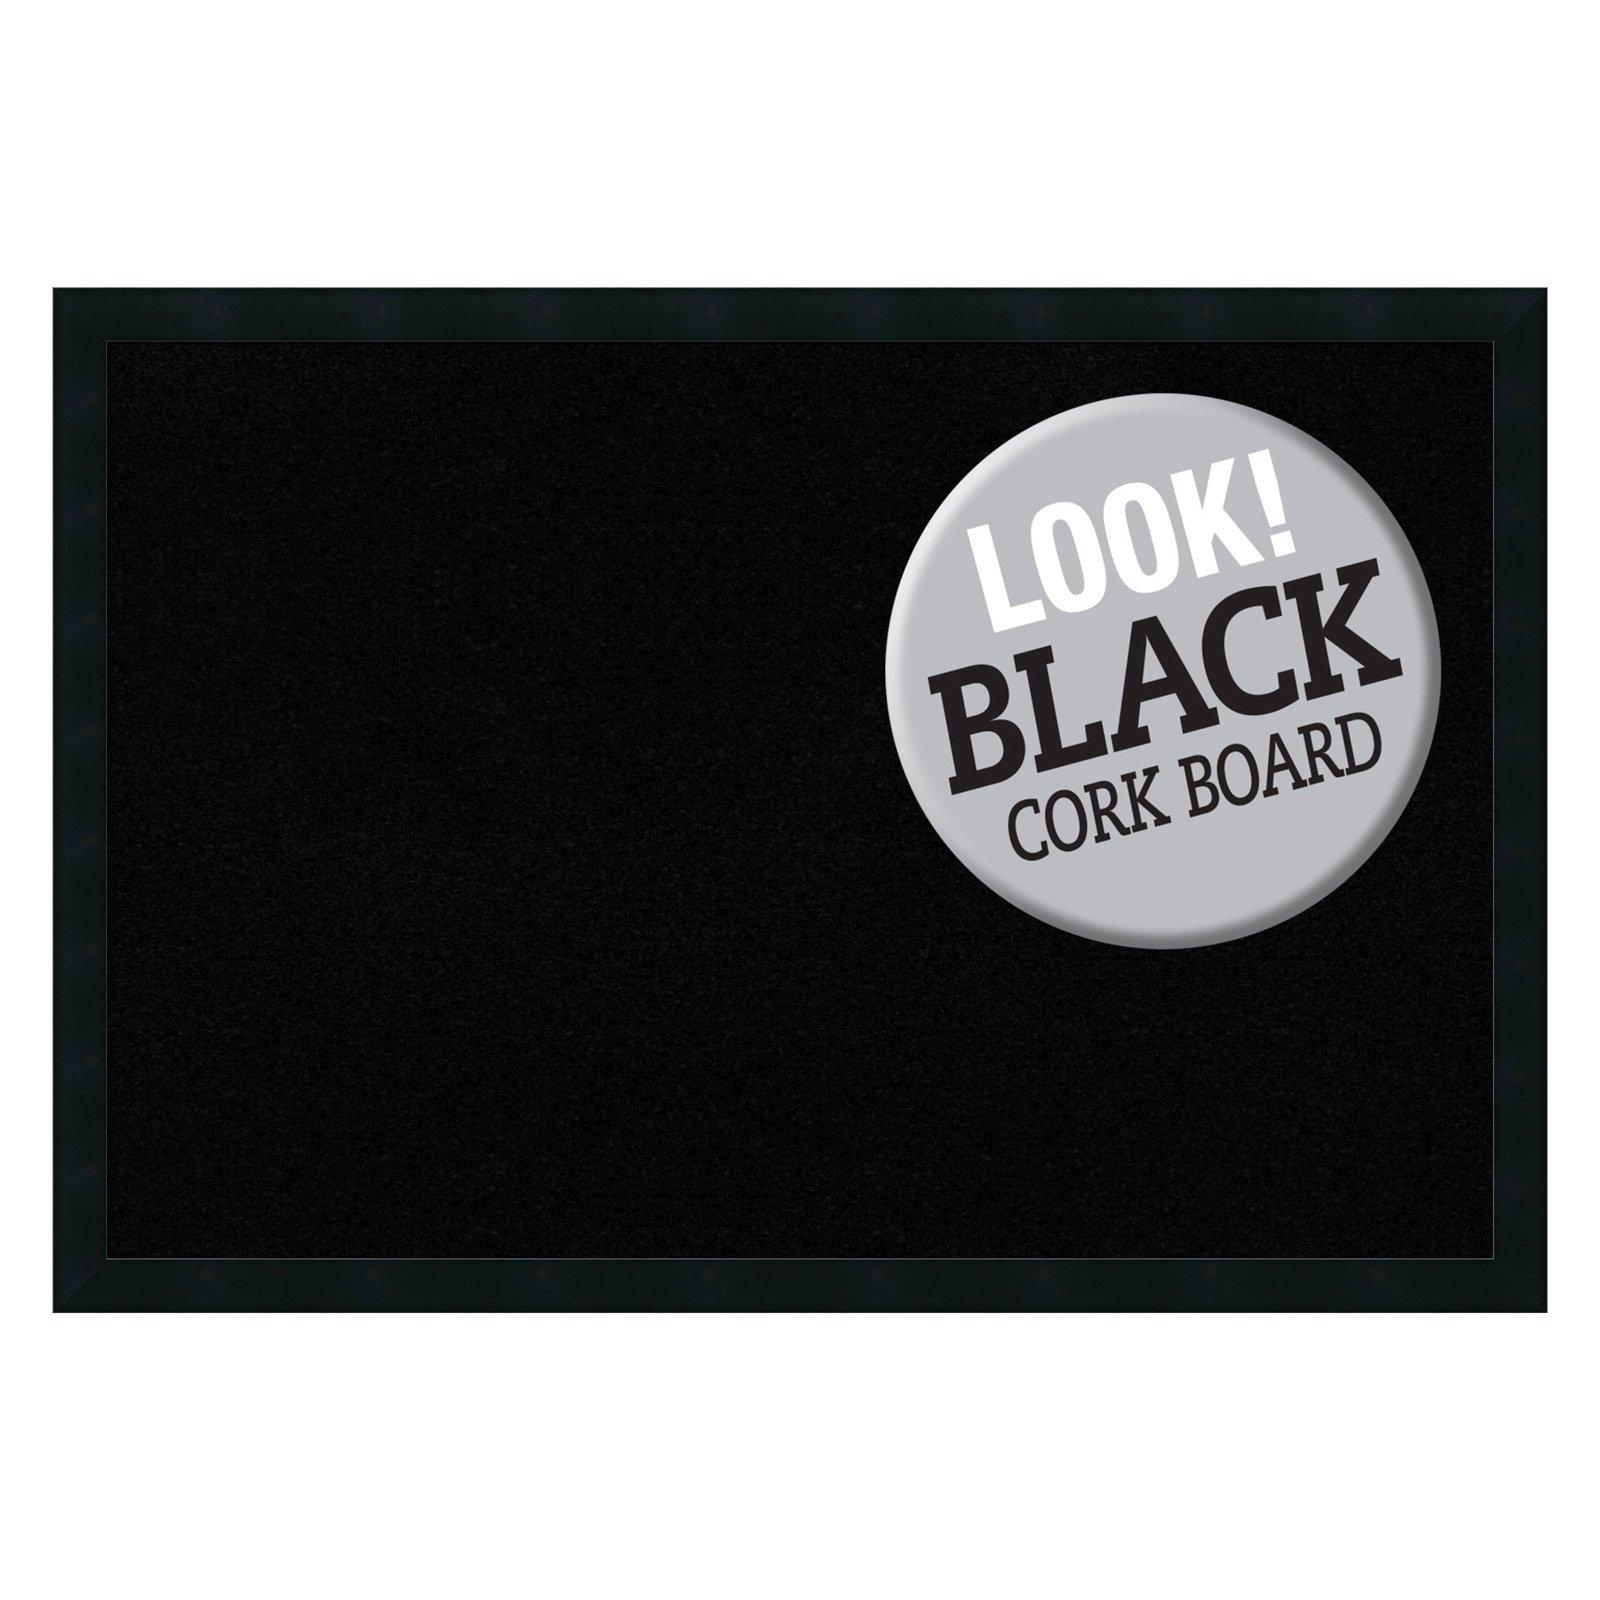 Amanti Art Mezzanotte Black Framed Cork Board